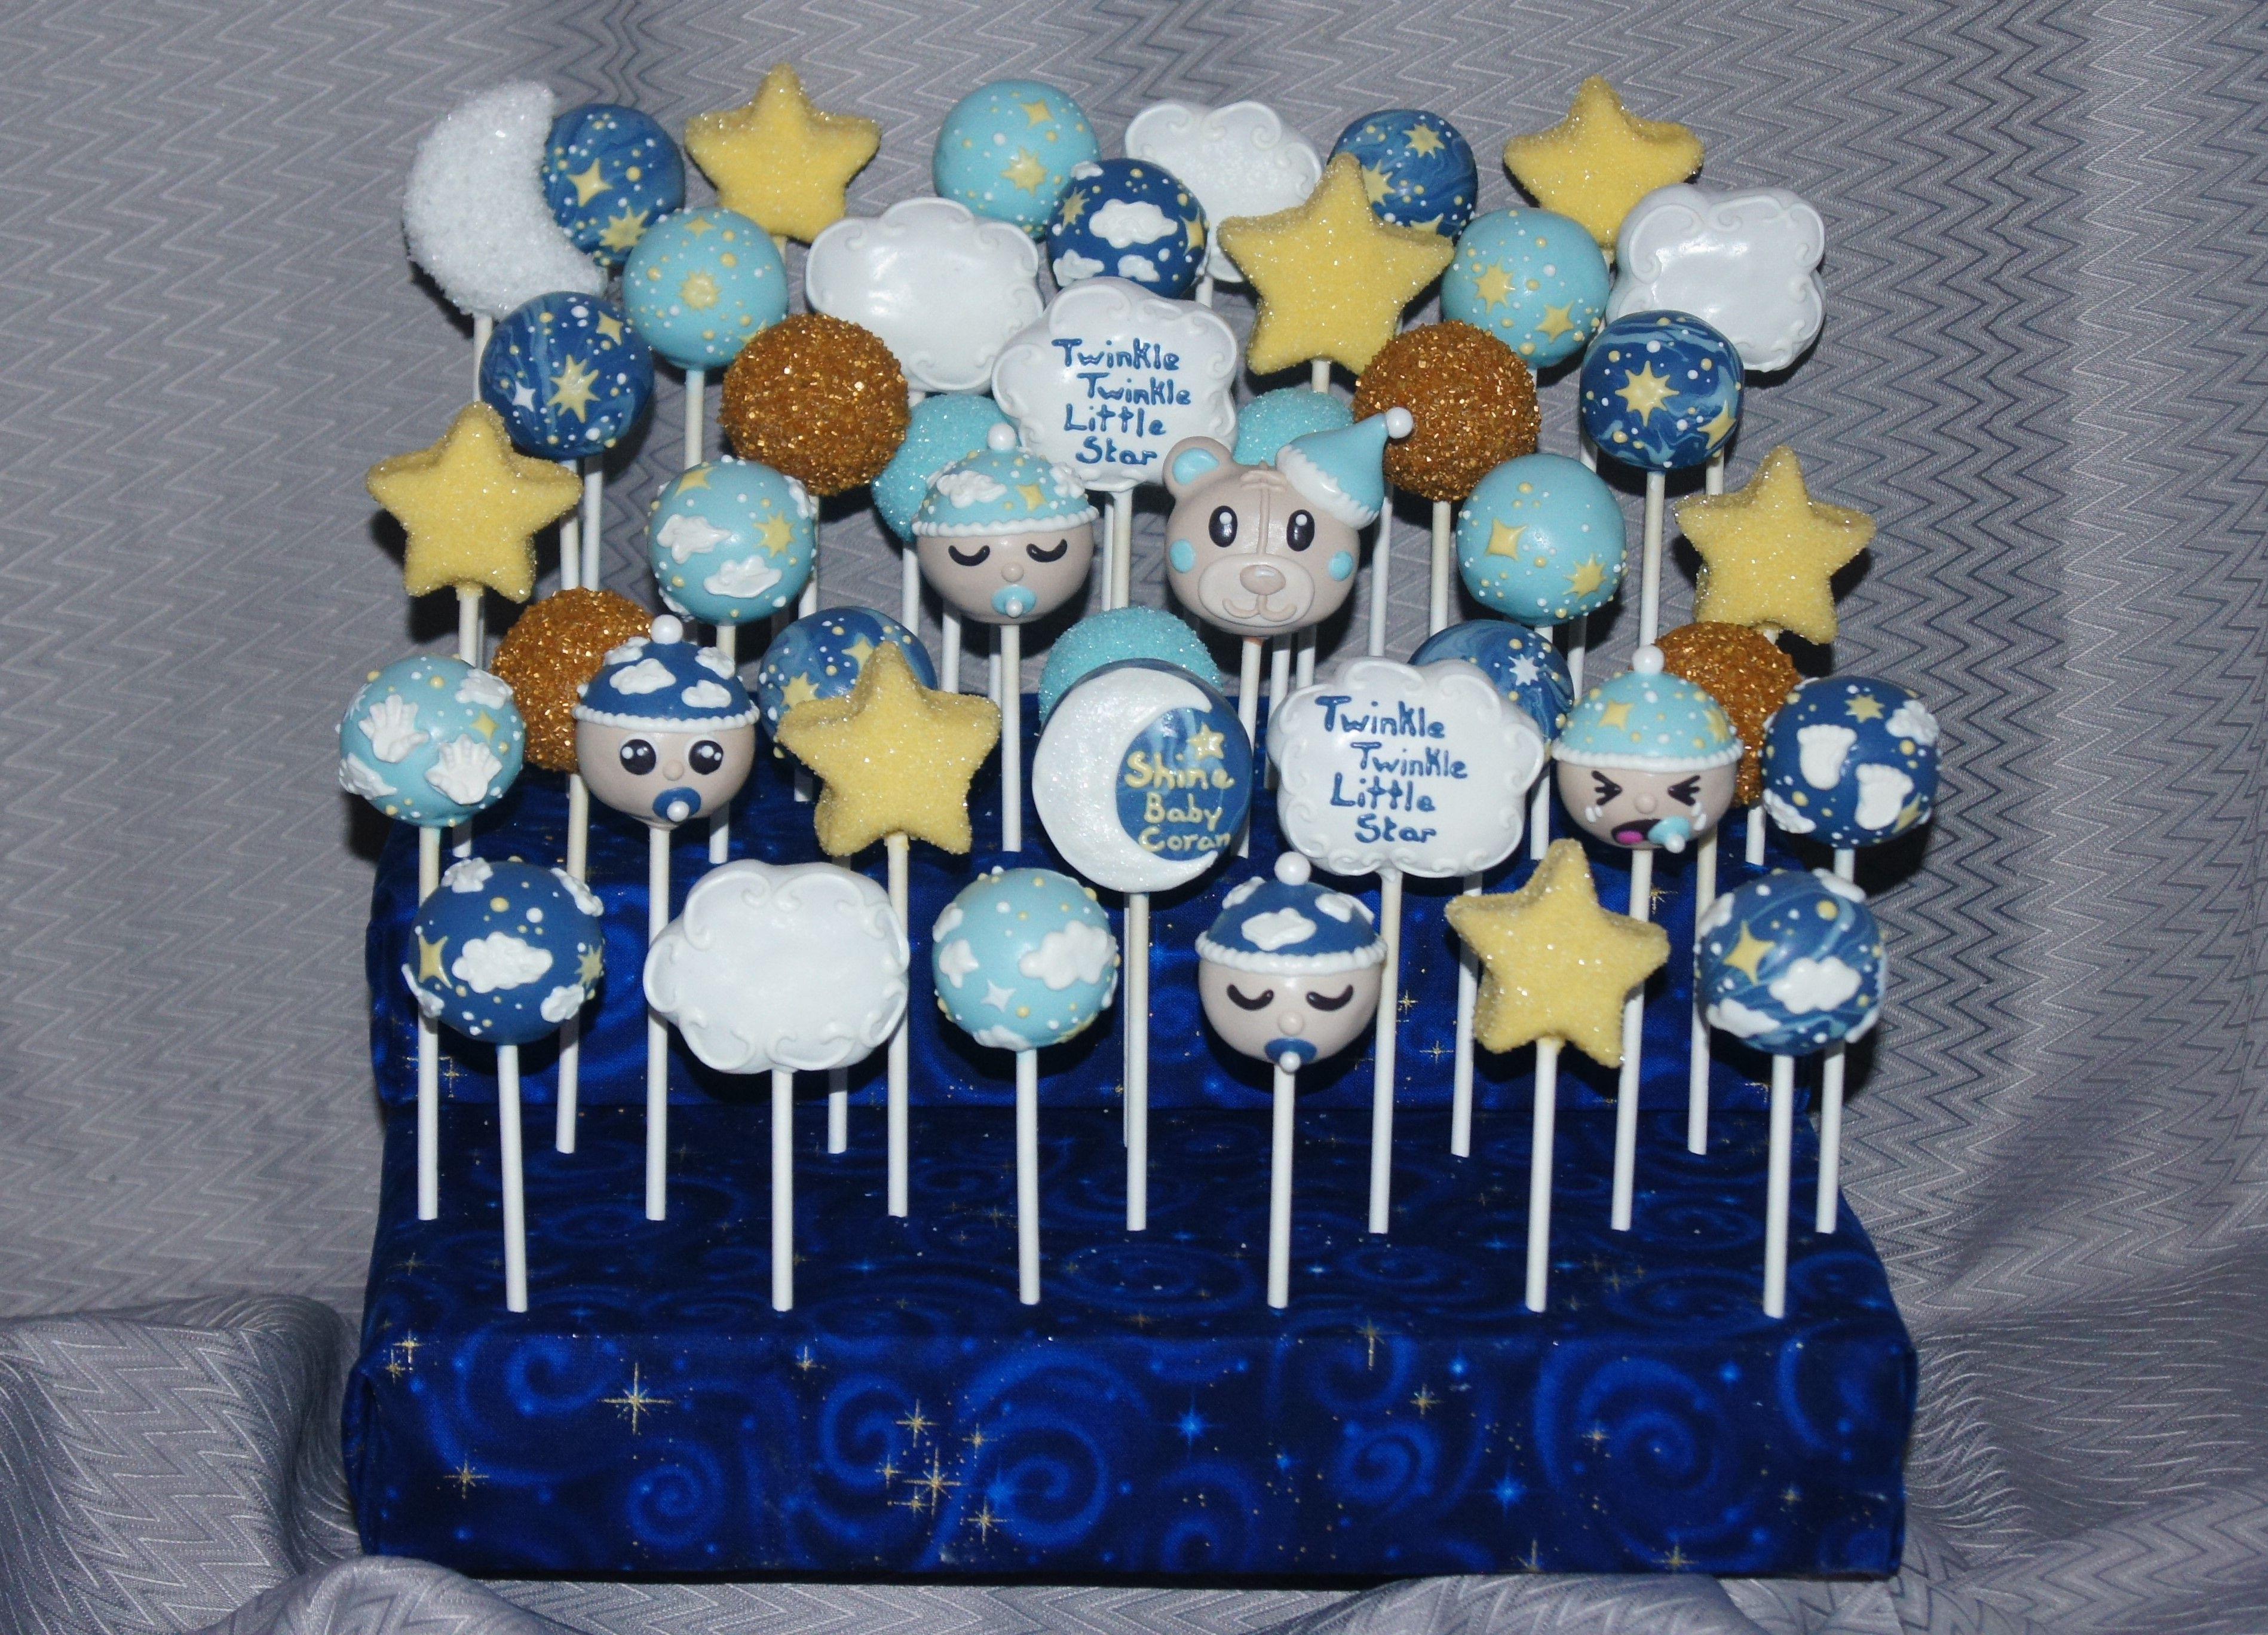 Twinkle Twinkle Little Star Baby Shower Cake Pops Bakery